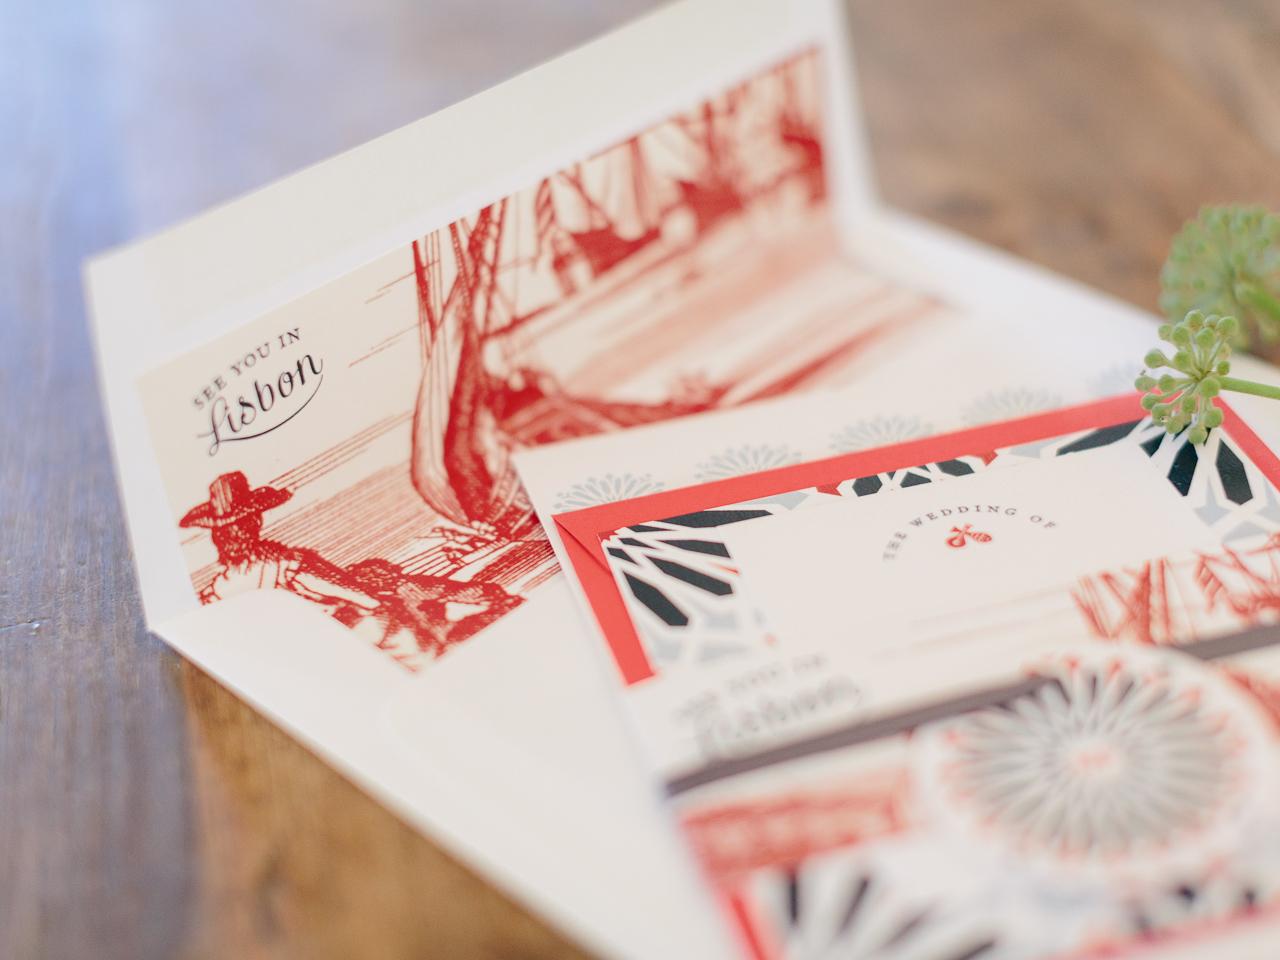 Wedding Stationery Design wedding invitation pattern design branding surface design pattern design stationery